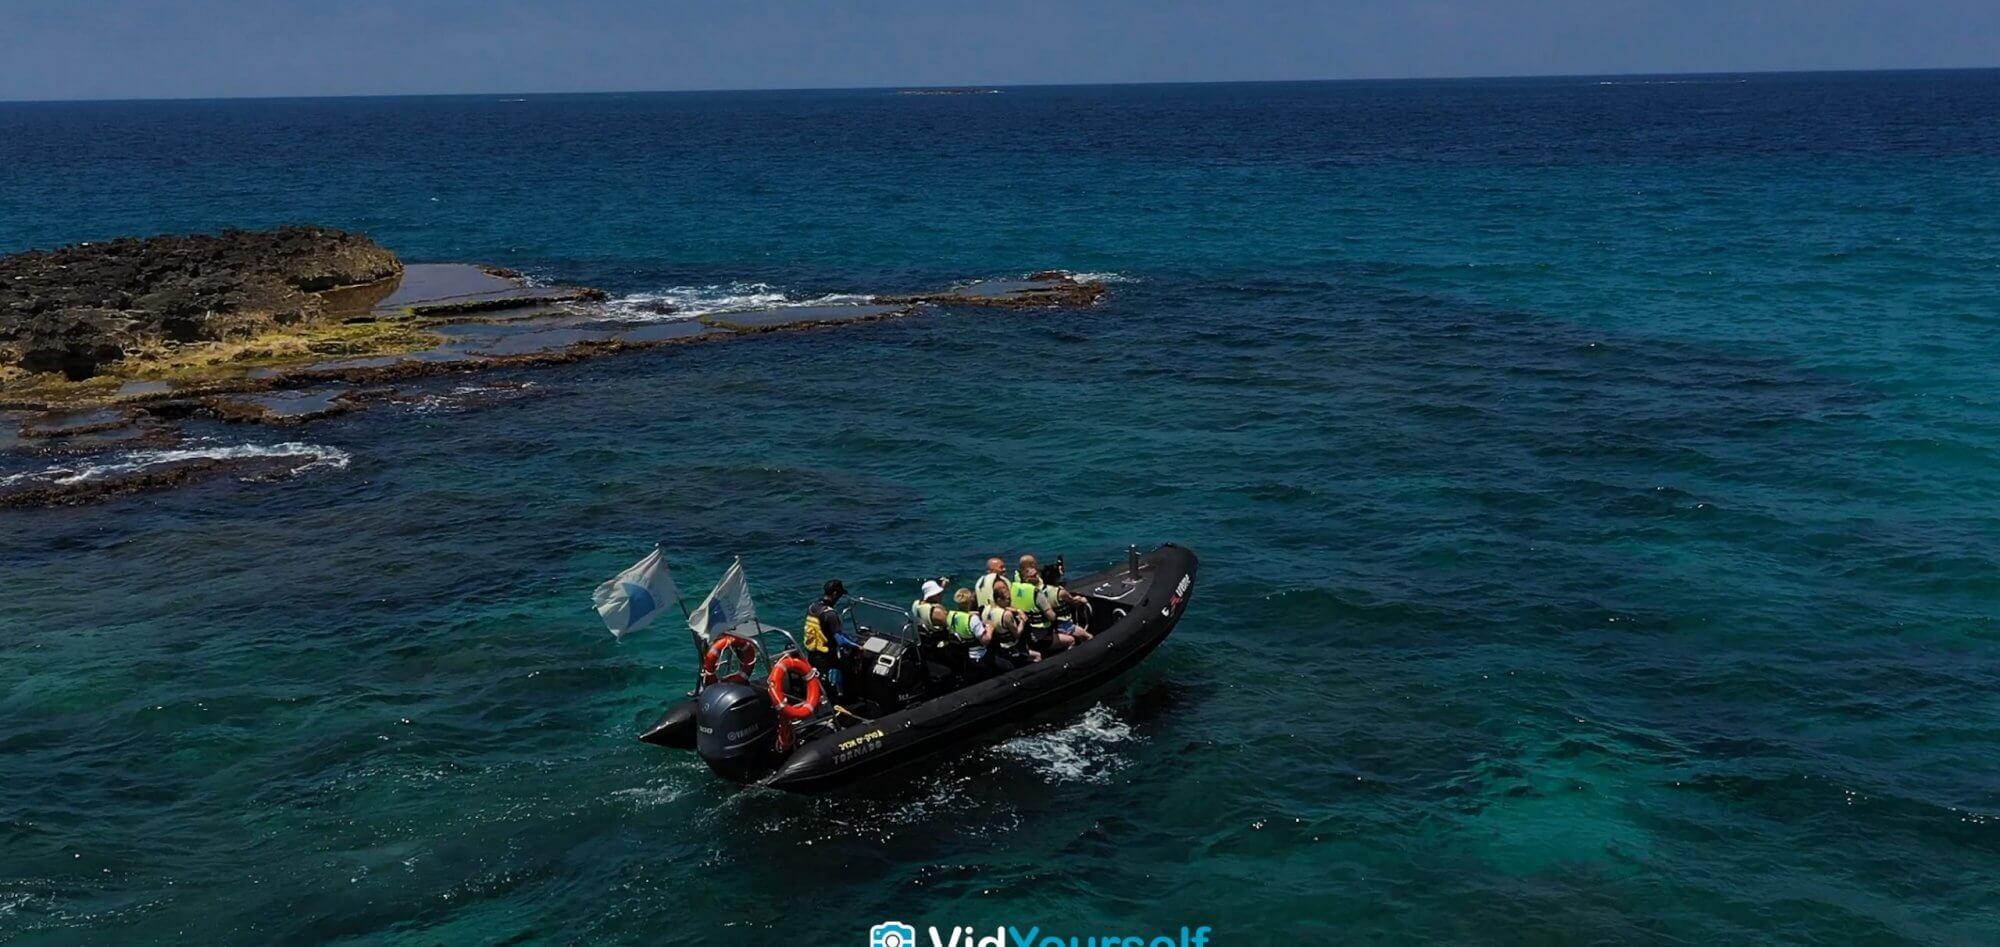 שייט טורנדו בים התיכון